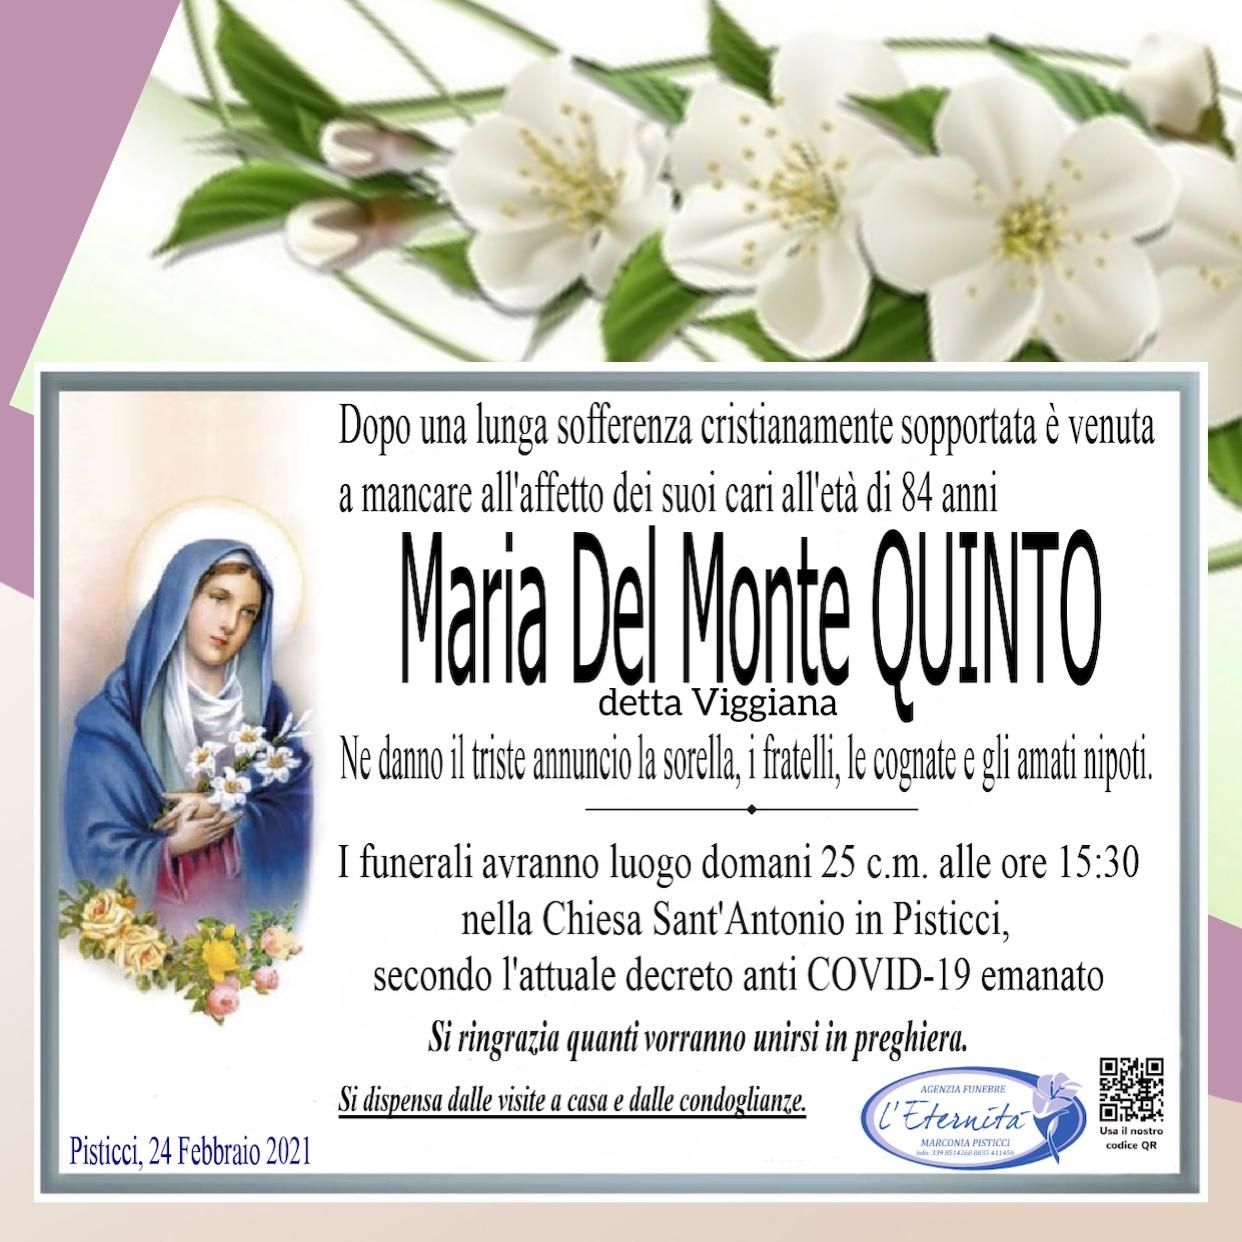 Maria del Monte QUINTO